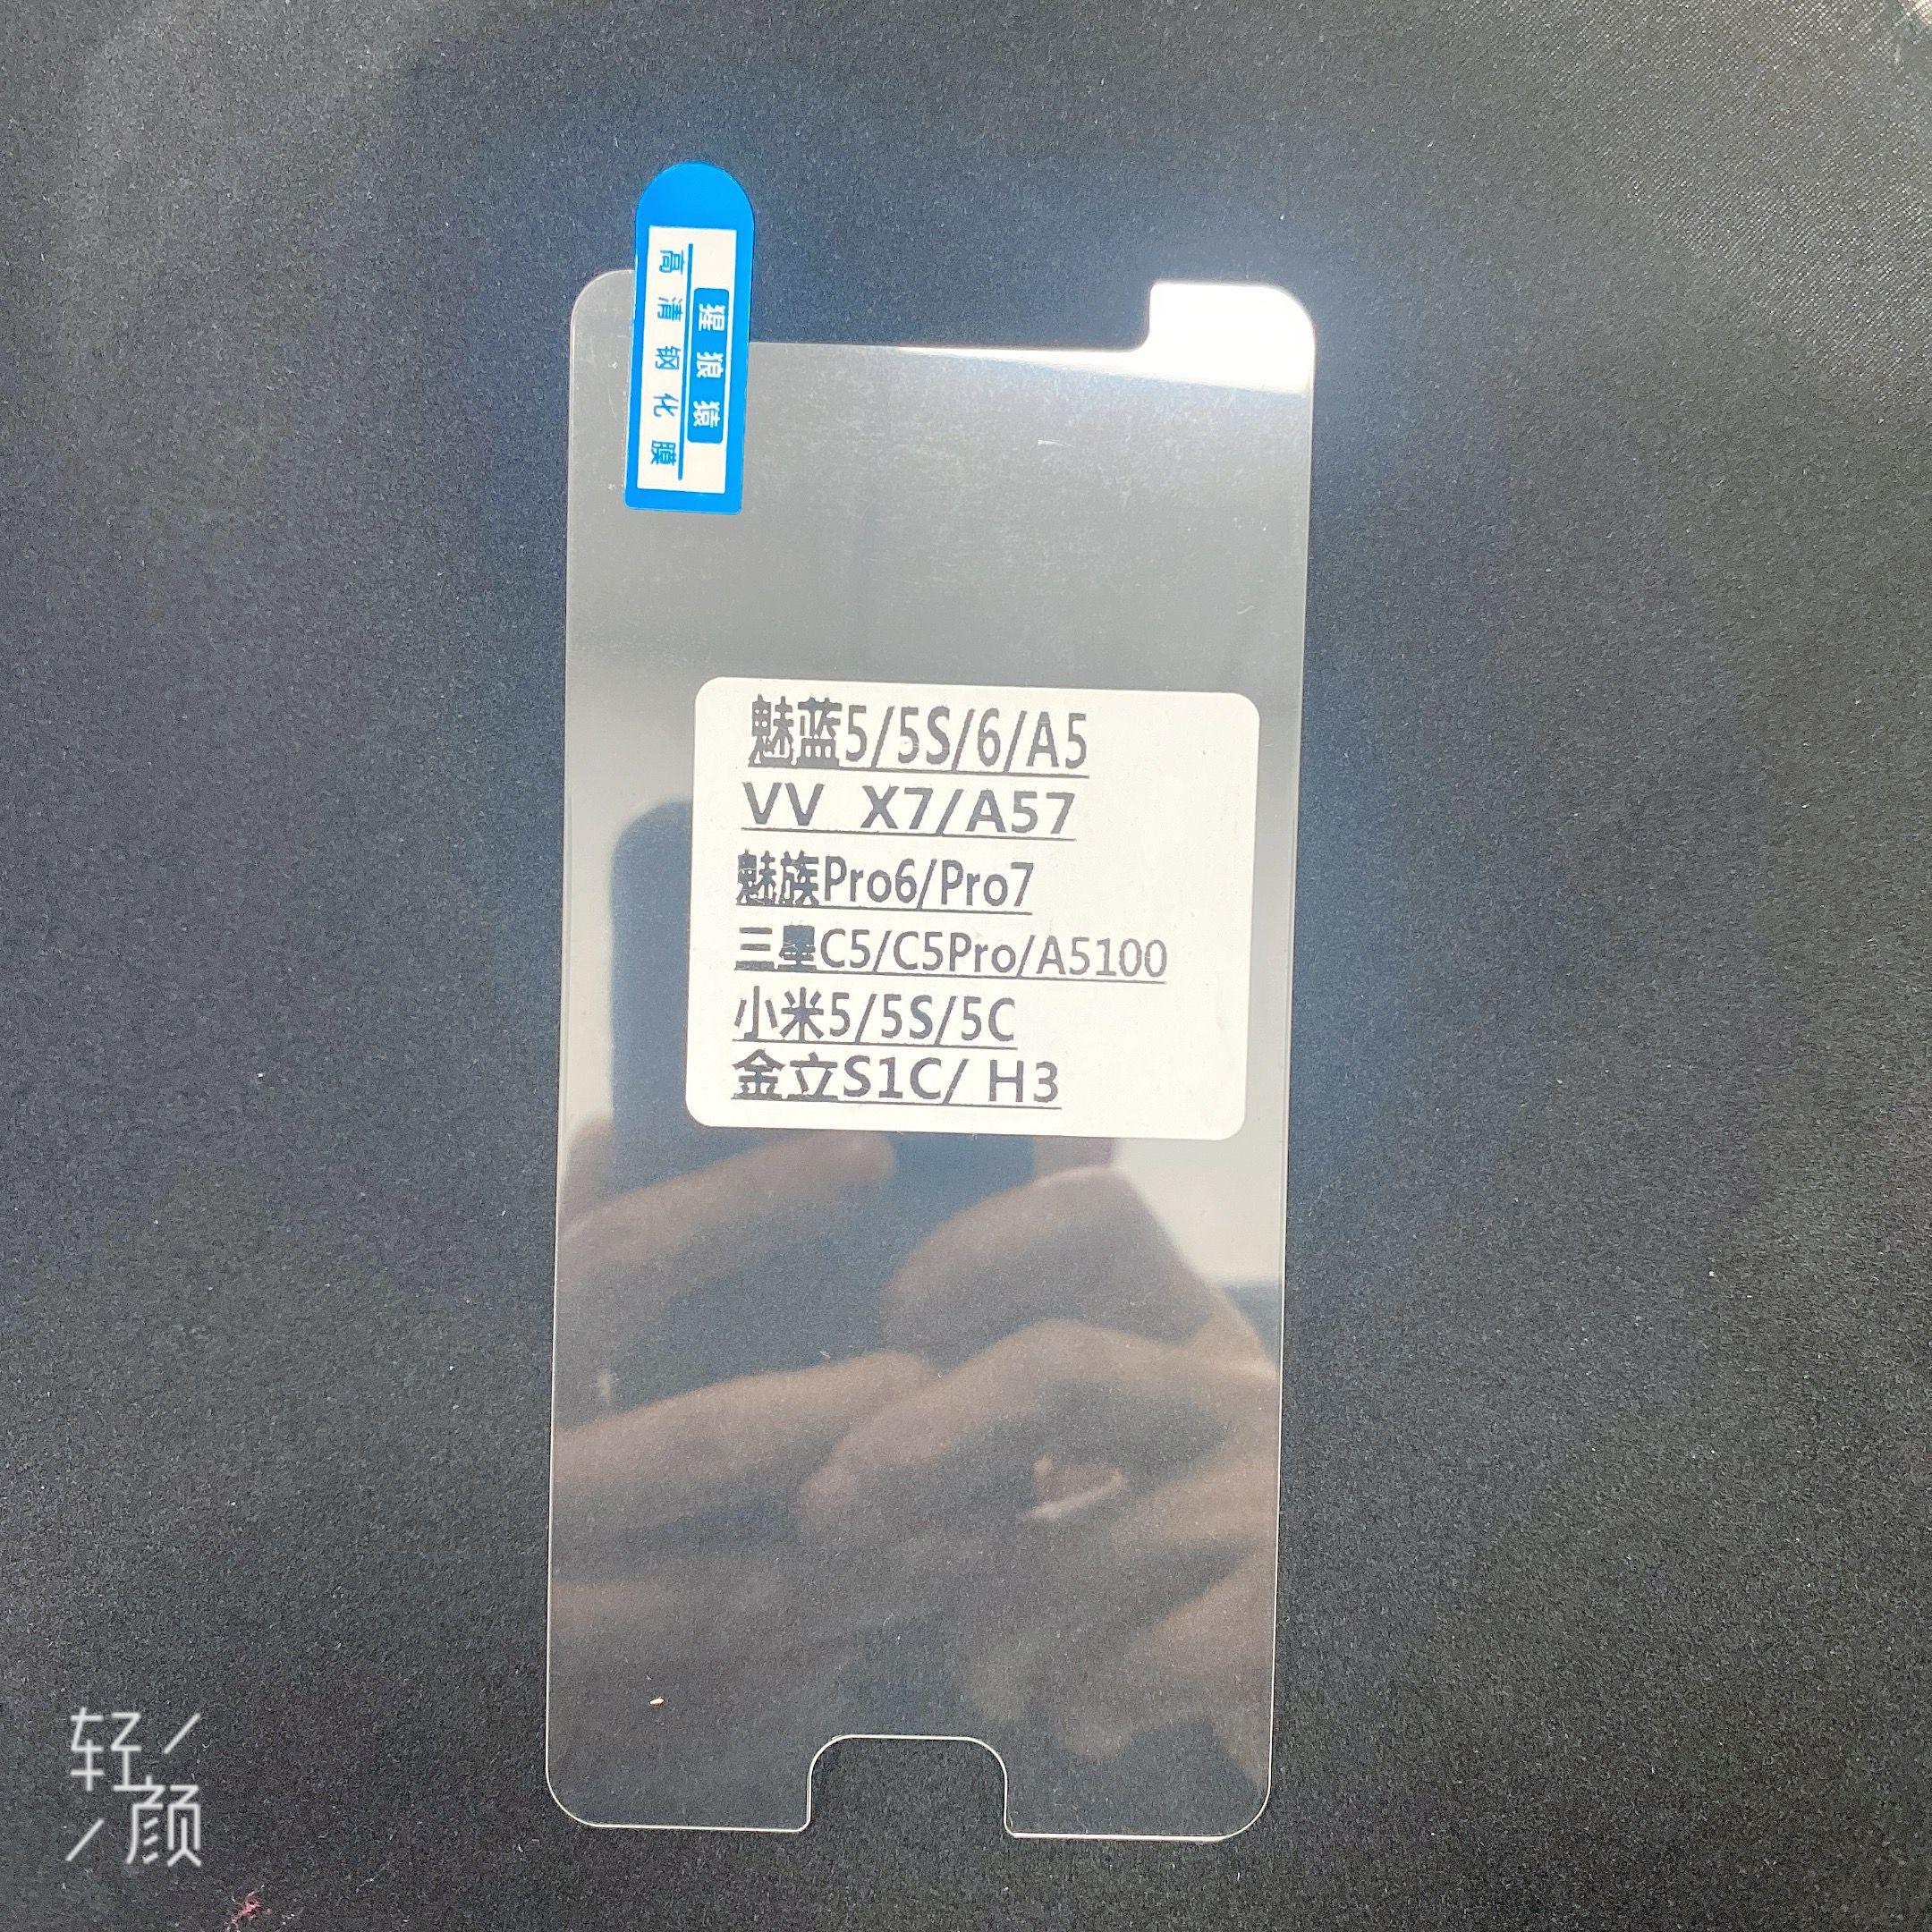 万能钢化膜 硬膜 手机膜国产膜通用膜贴膜工厂批